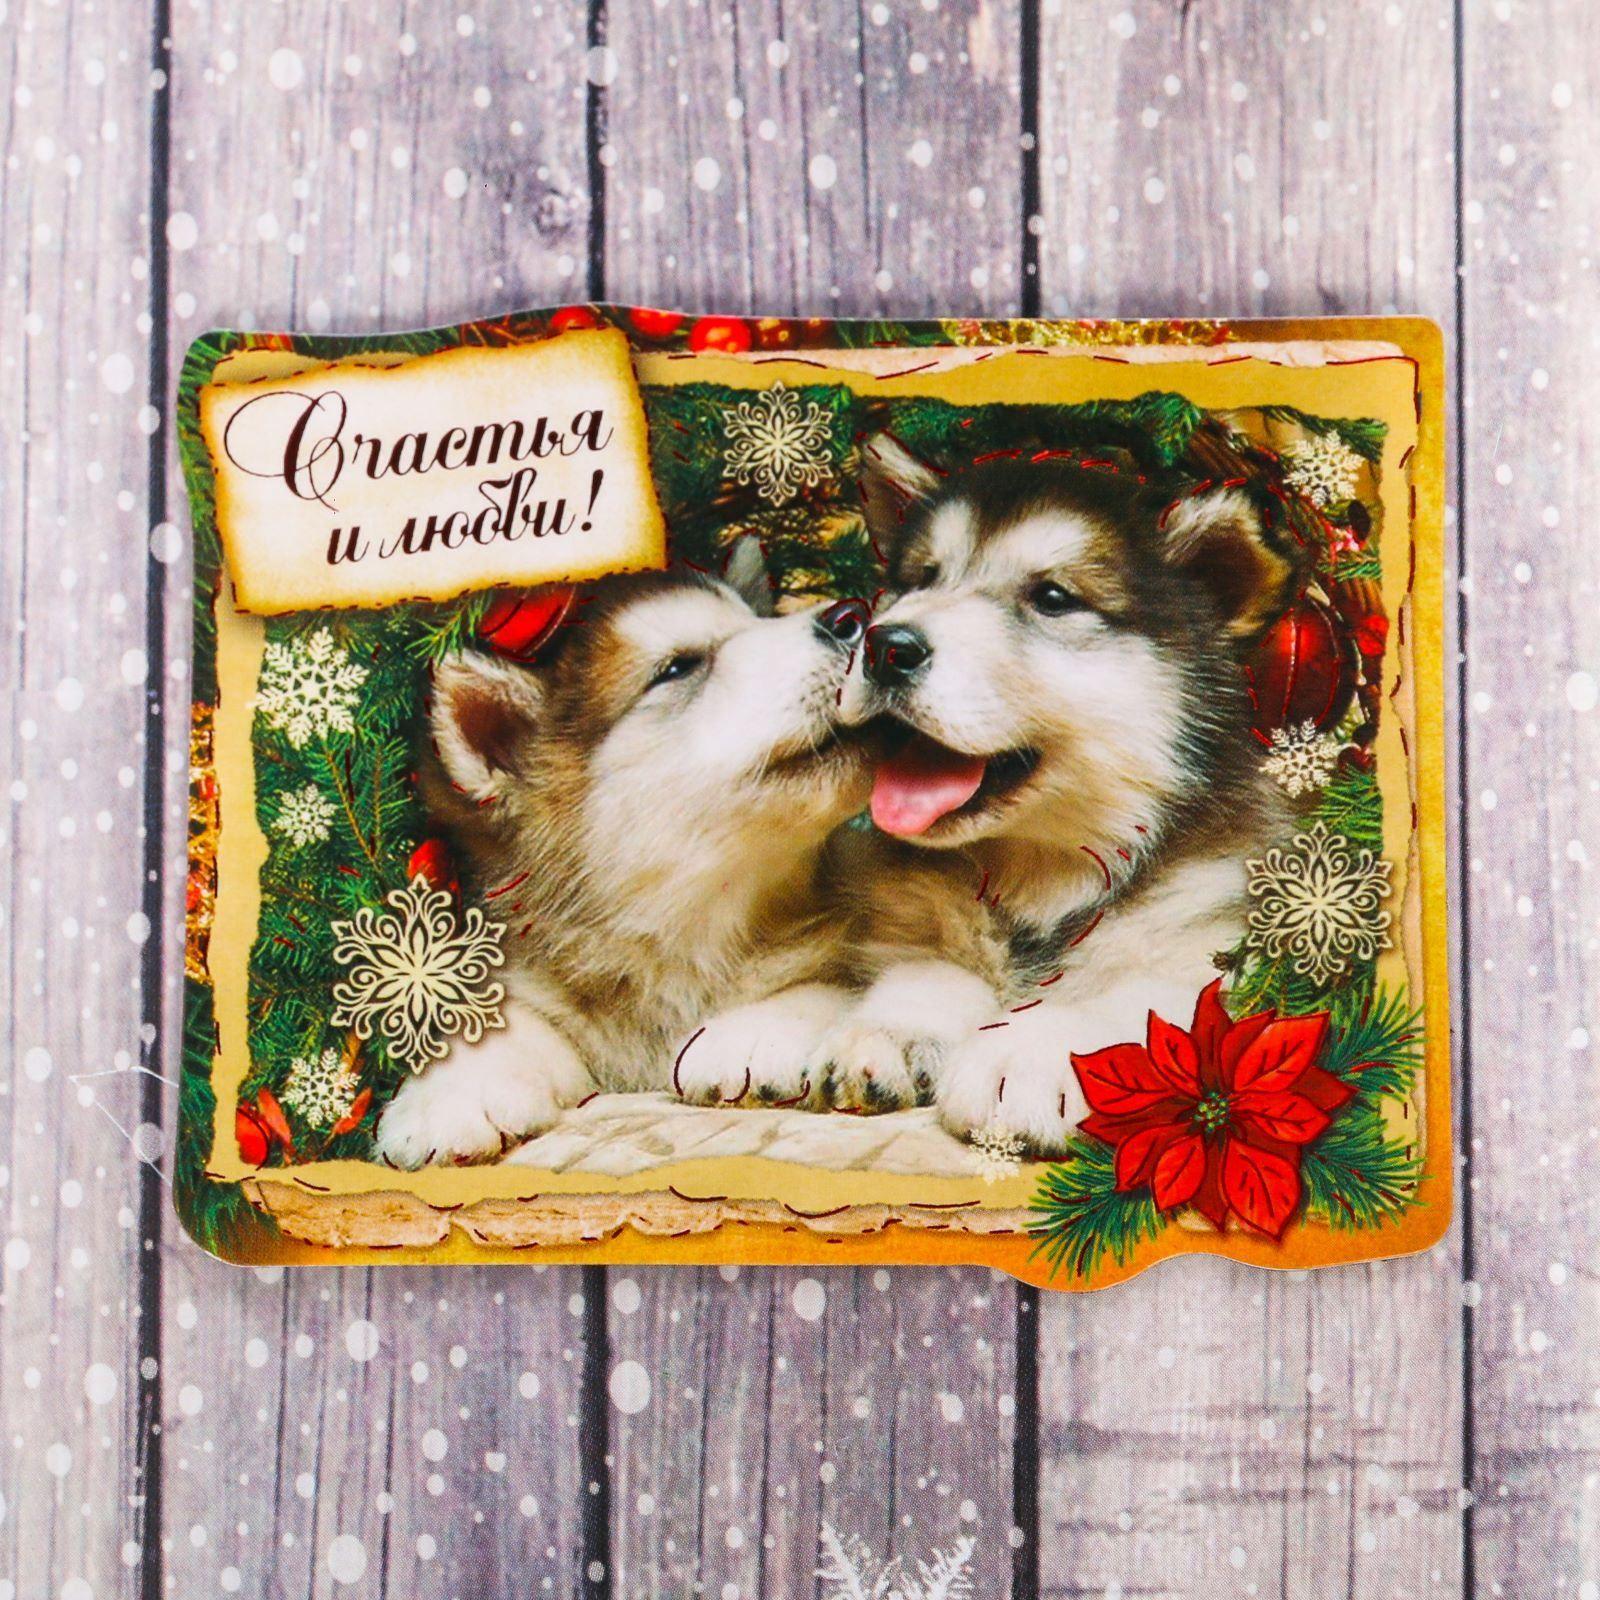 Магнит Sima-land Счастья и любви, 7,9 х 6,1 см1894027Порадуйте родных и близких оригинальным сувениром: преподнесите в подарок магнит. С ним даже самый серьёзный человек почувствует себя ребёнком, ожидающим чудо! Создайте праздничное настроение, и оно останется с вами на весь год.